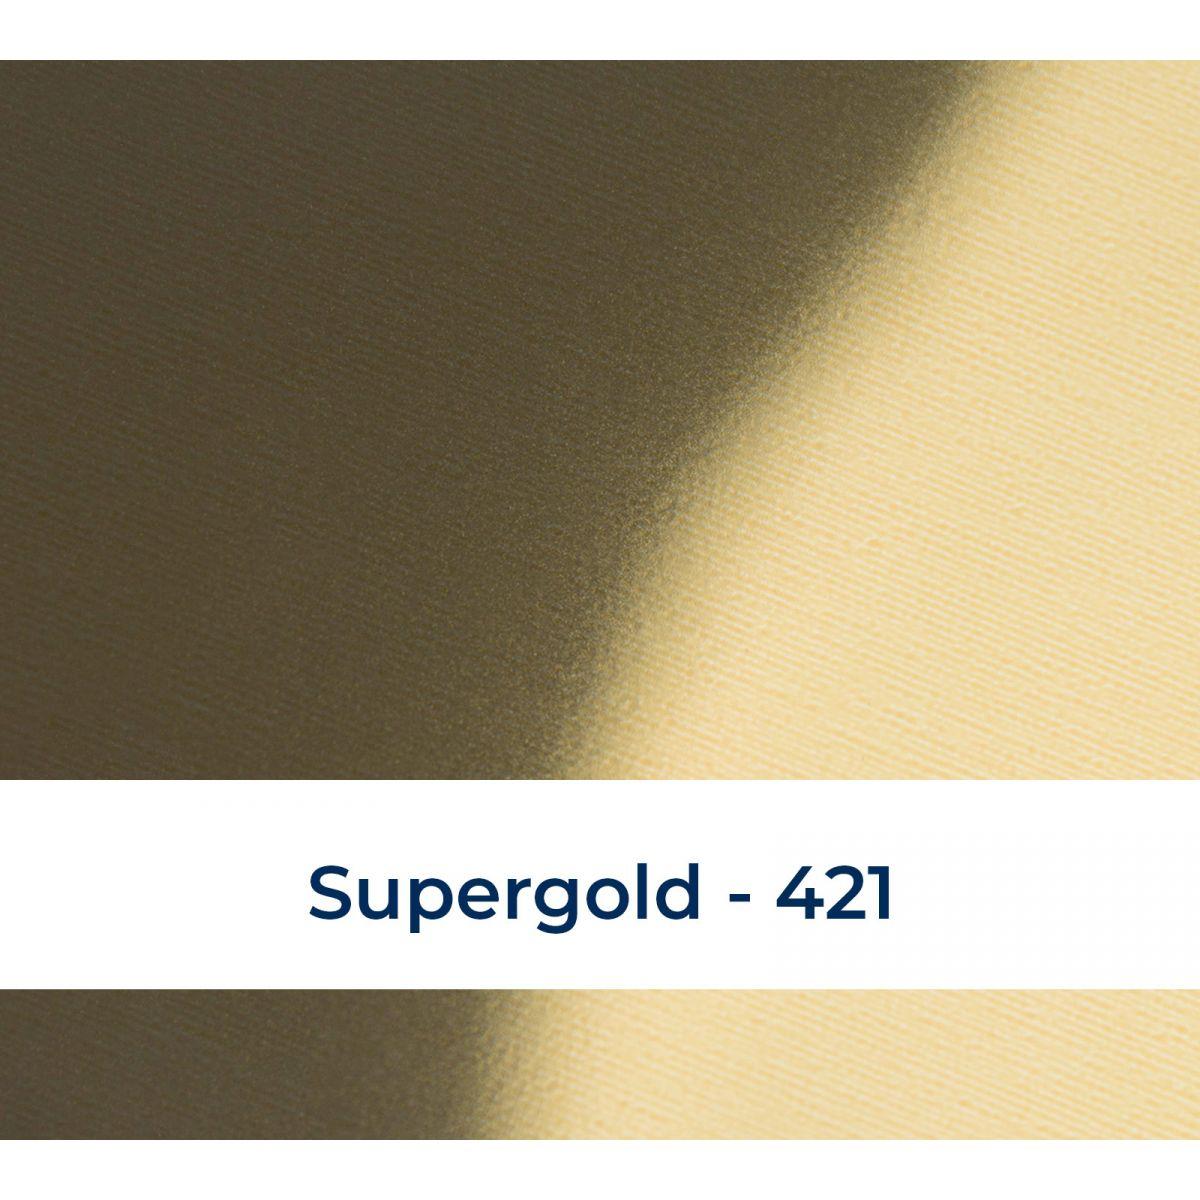 Metallic supergold 421